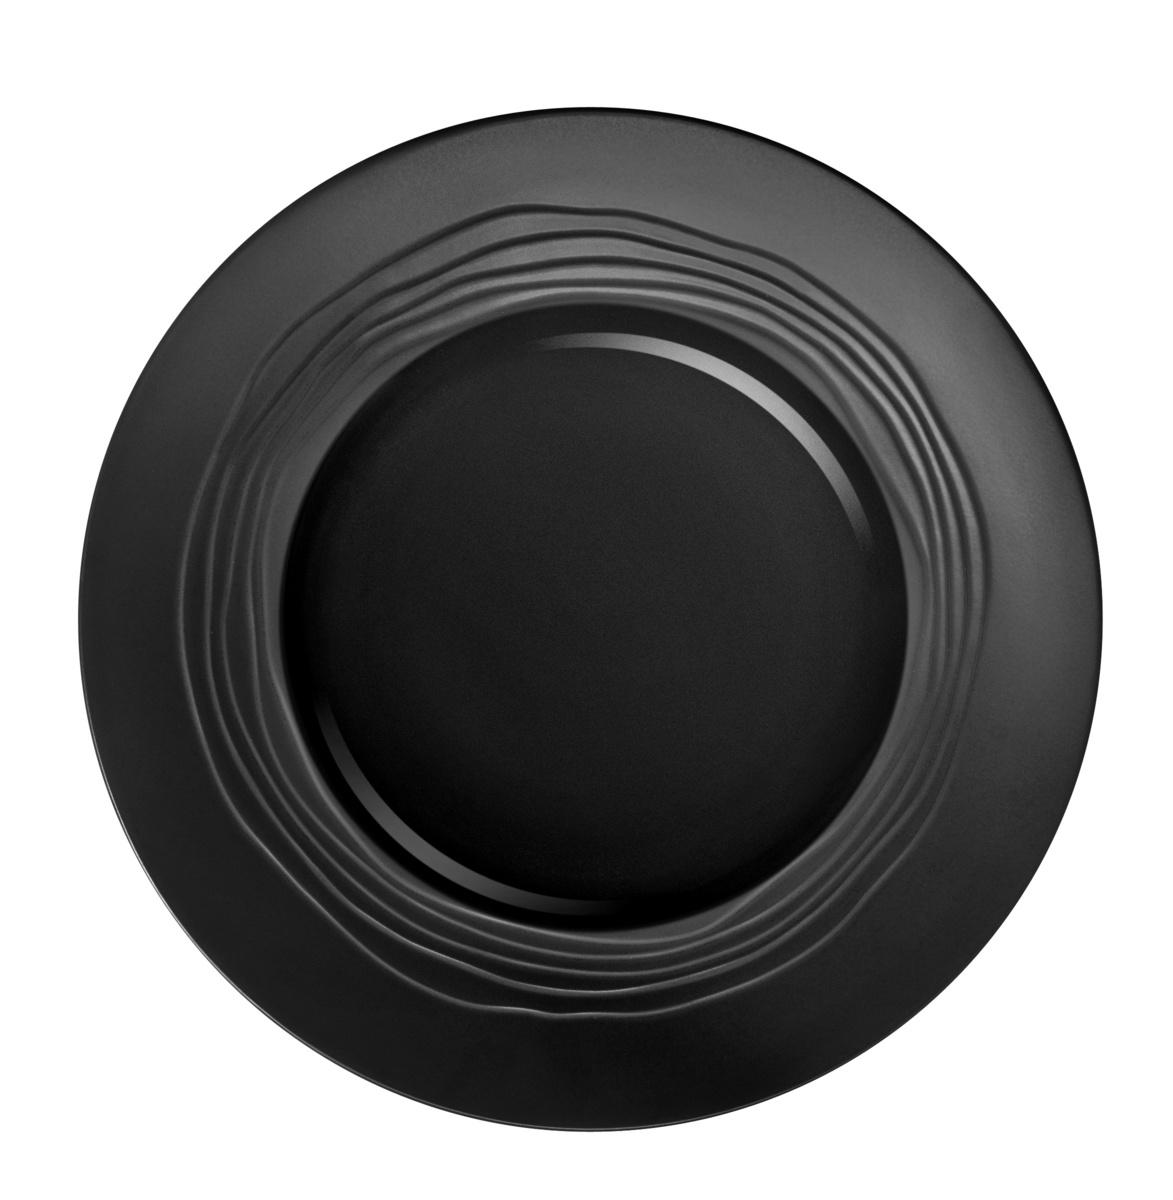 Assiette plate ronde noire grès Ø 21,50 cm Escale Medard De Noblat